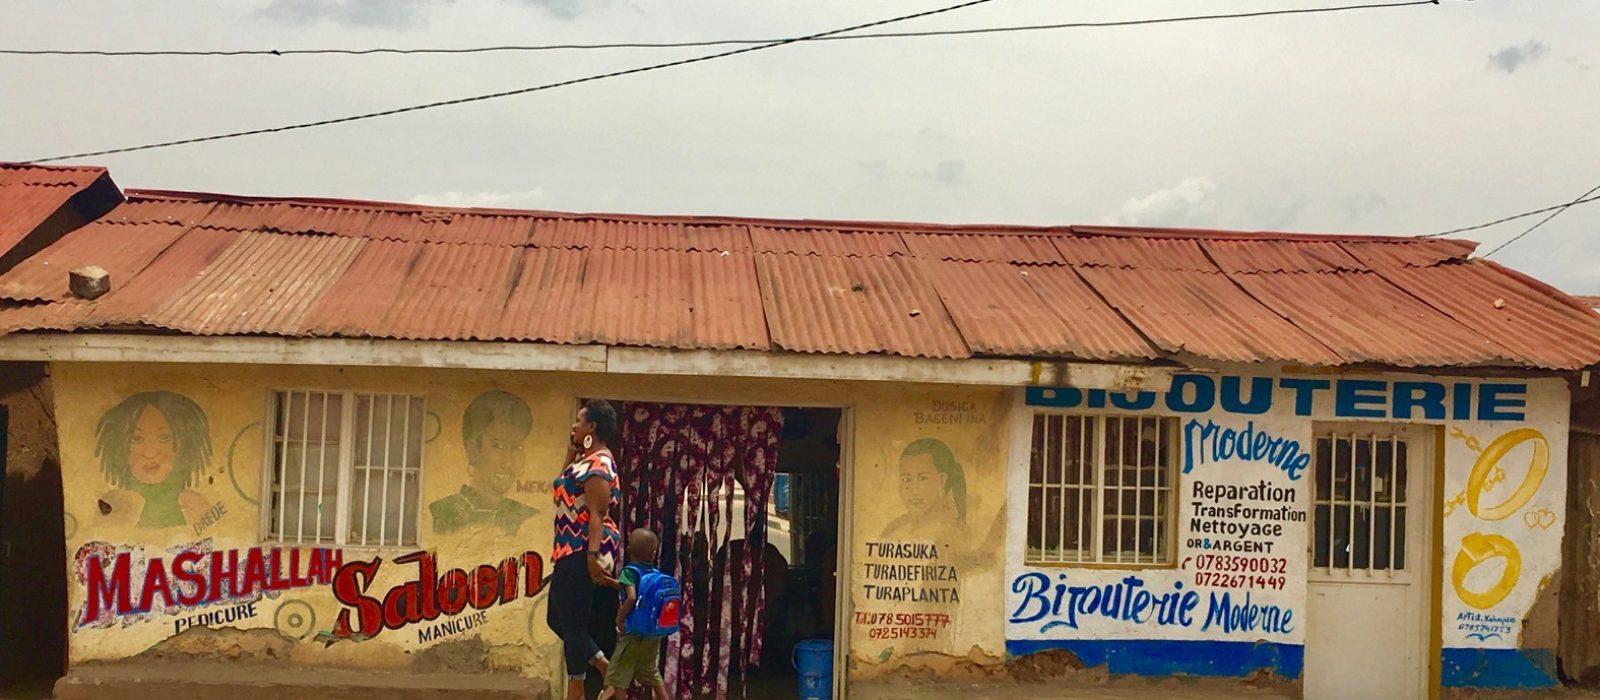 Rwanda_Kigali_Kitenge1